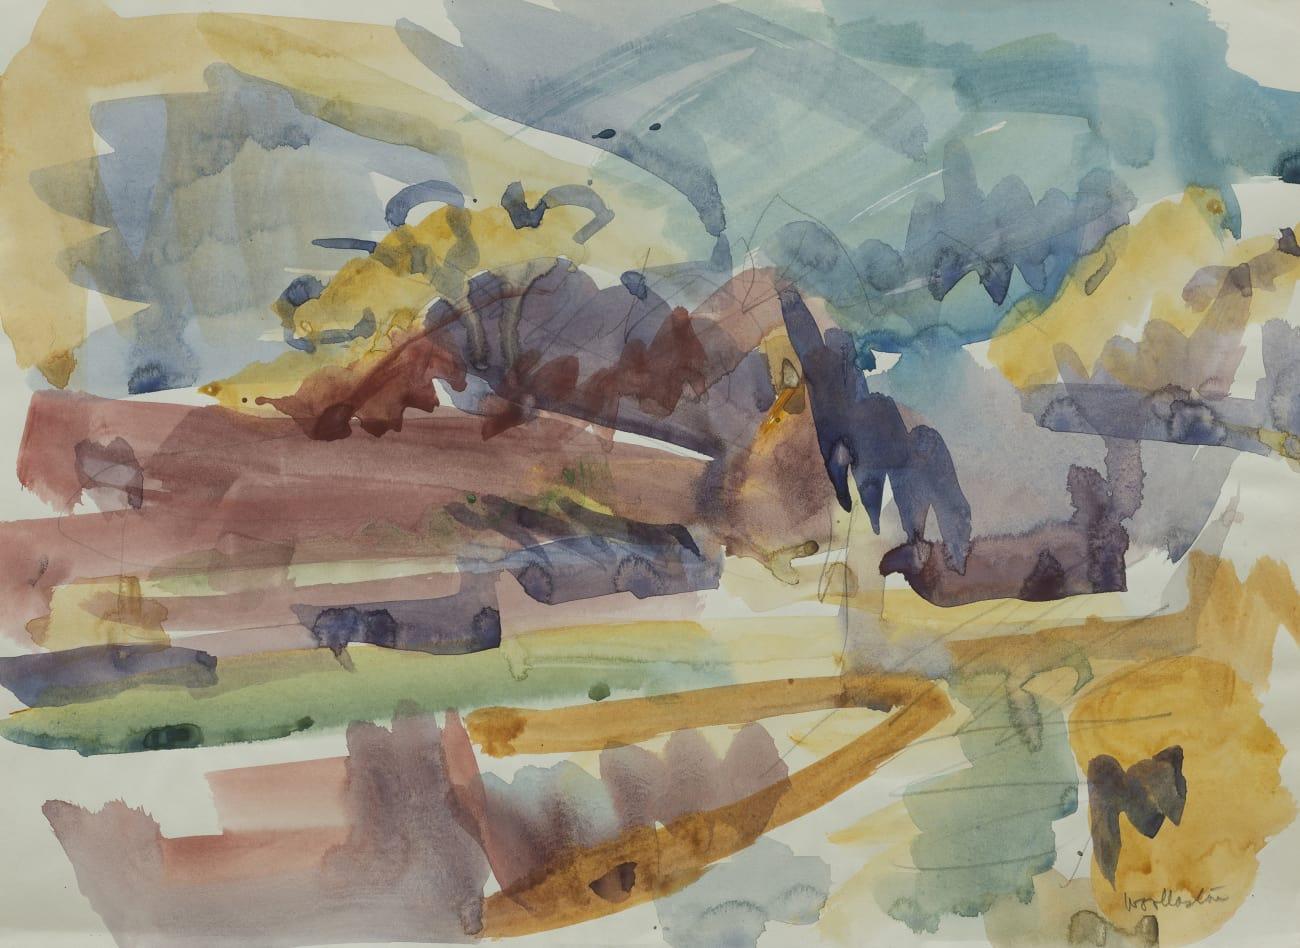 Mountford Tosswill Woollaston, Hokitika Landscape, 1961